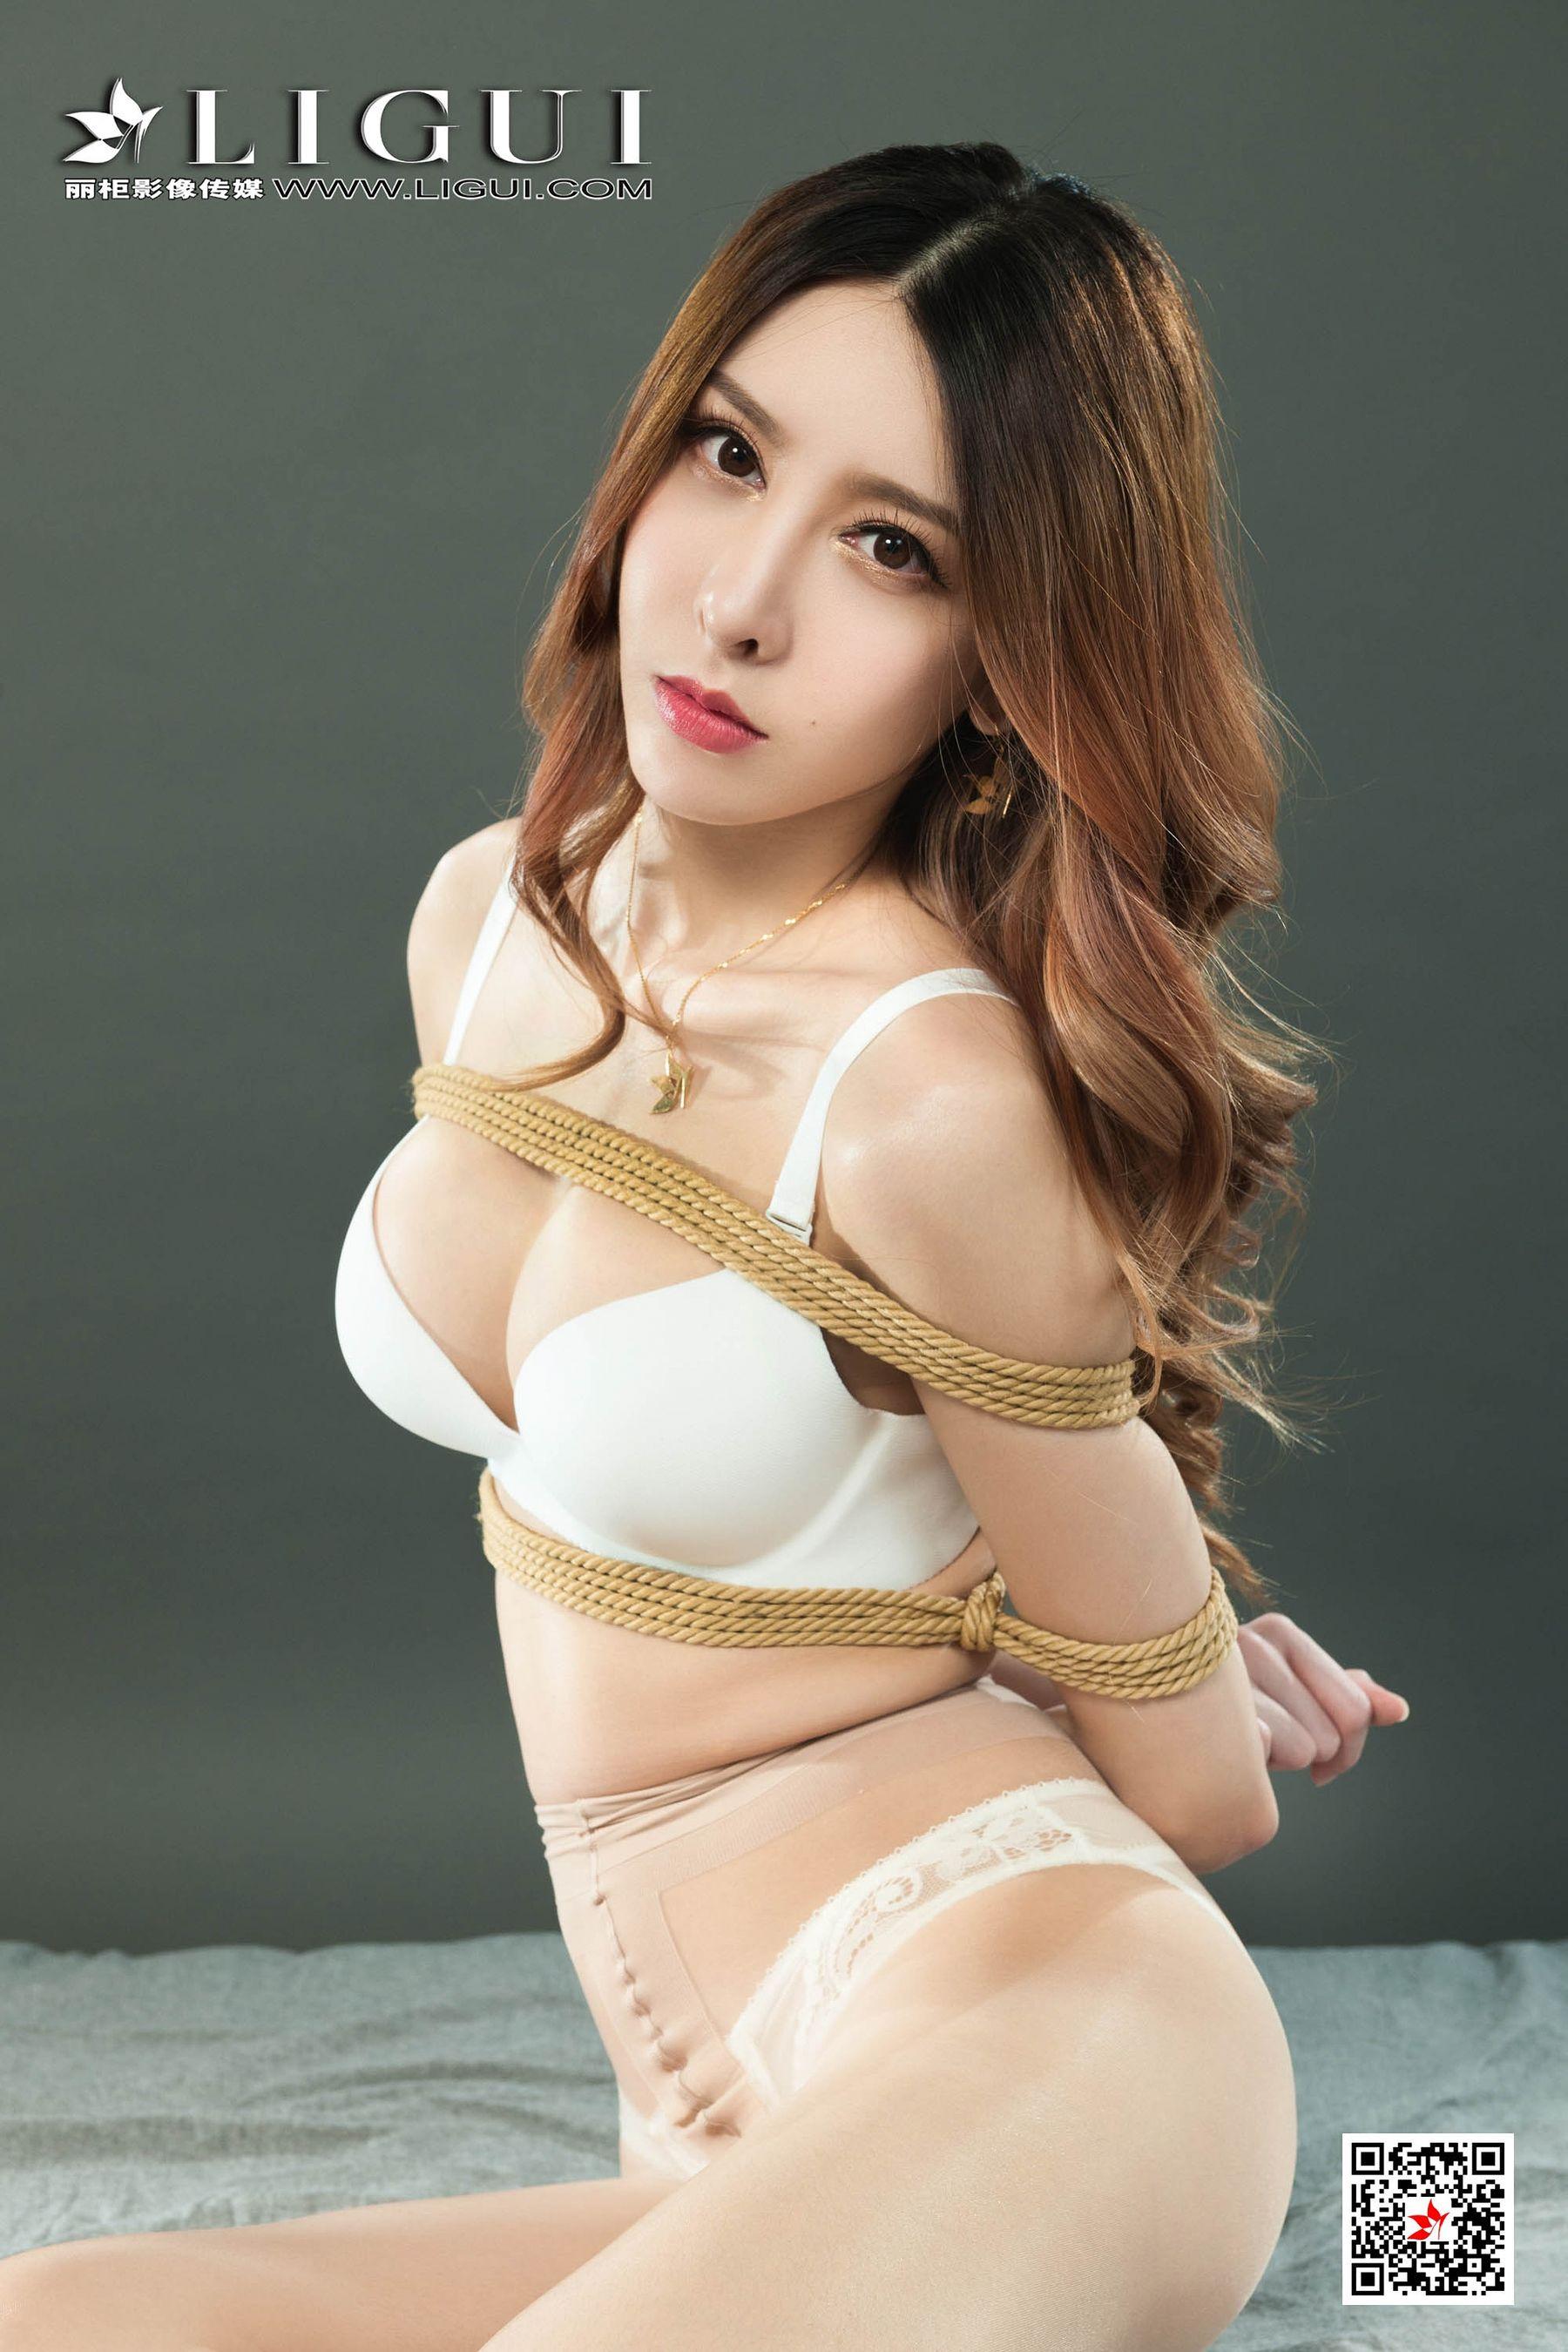 图片[10] - [丽柜美束Ligui] Model 兔子《肉丝捆绑绳艺》 写真集[74P] - 唯独你没懂